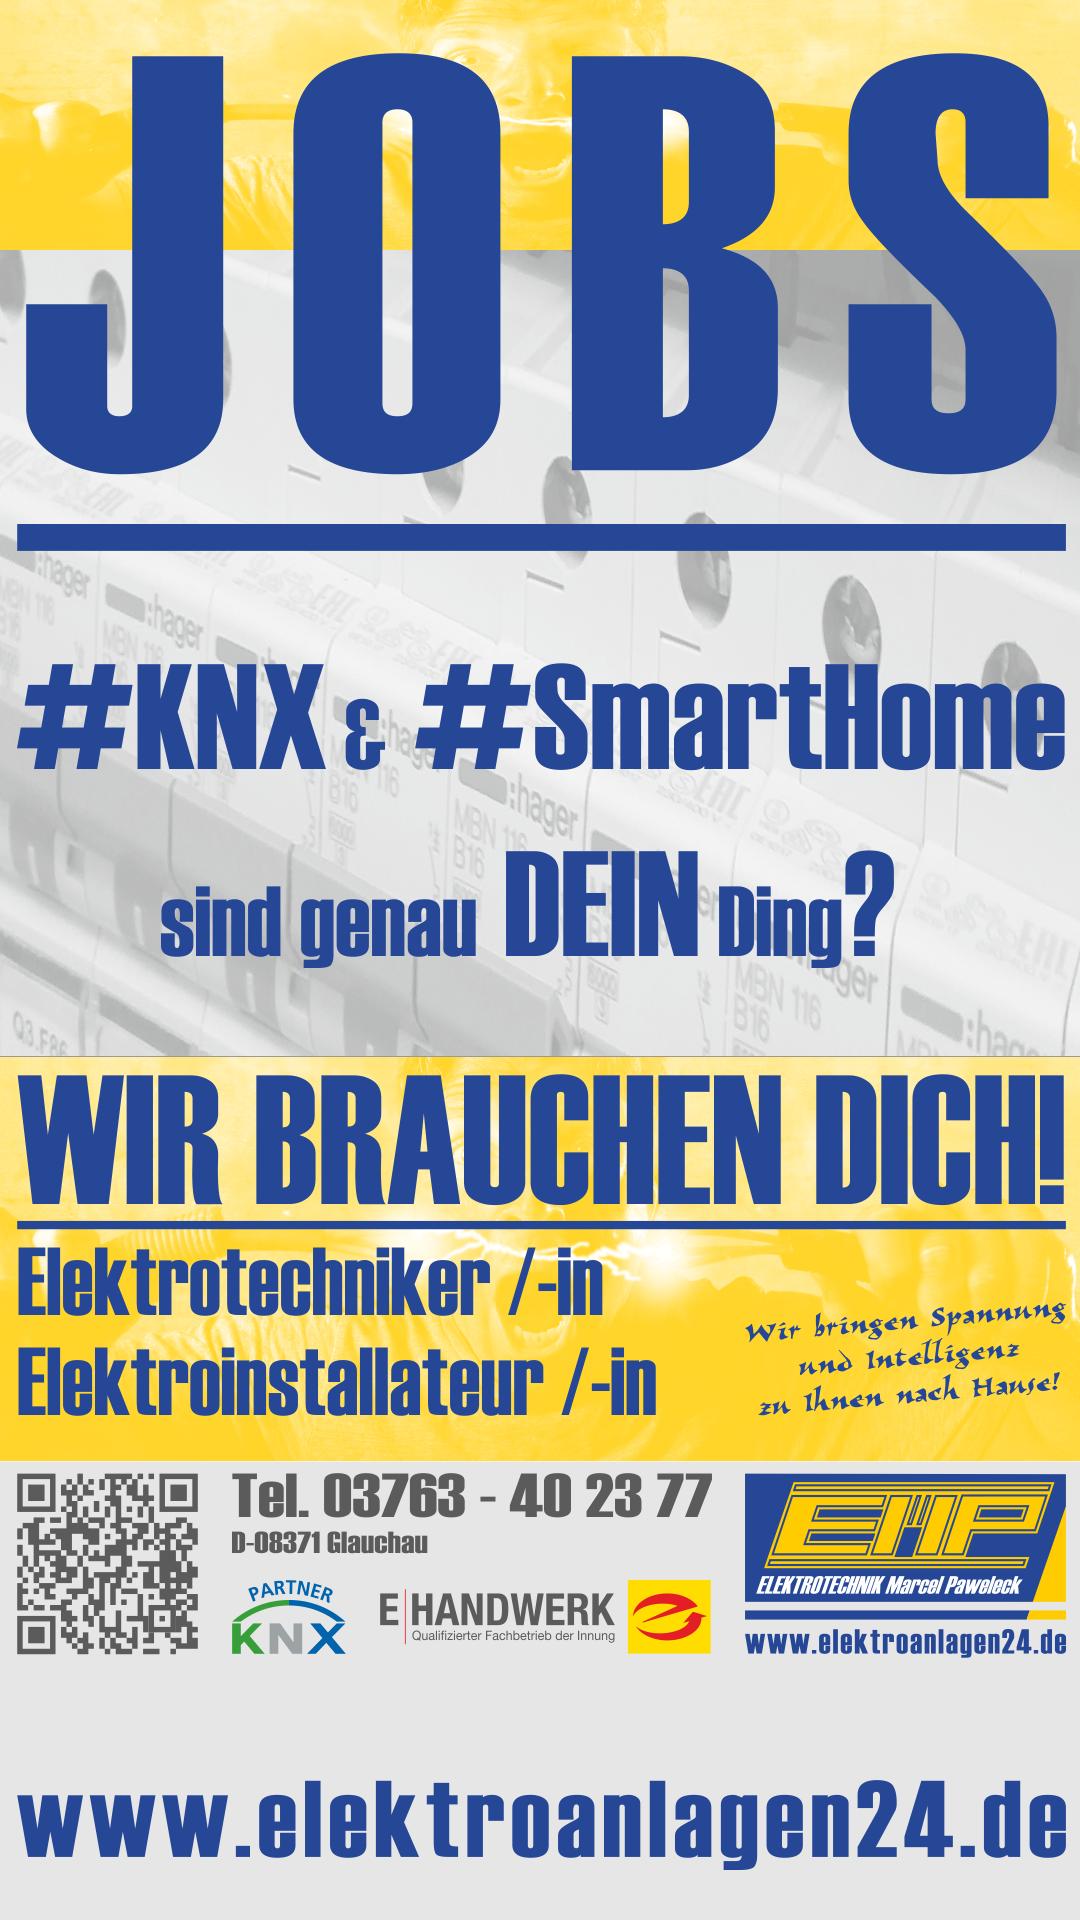 Wir bringen Spannung und Intelligenz zu Ihnen nach Hause! --- www.elektroanlagen24.de